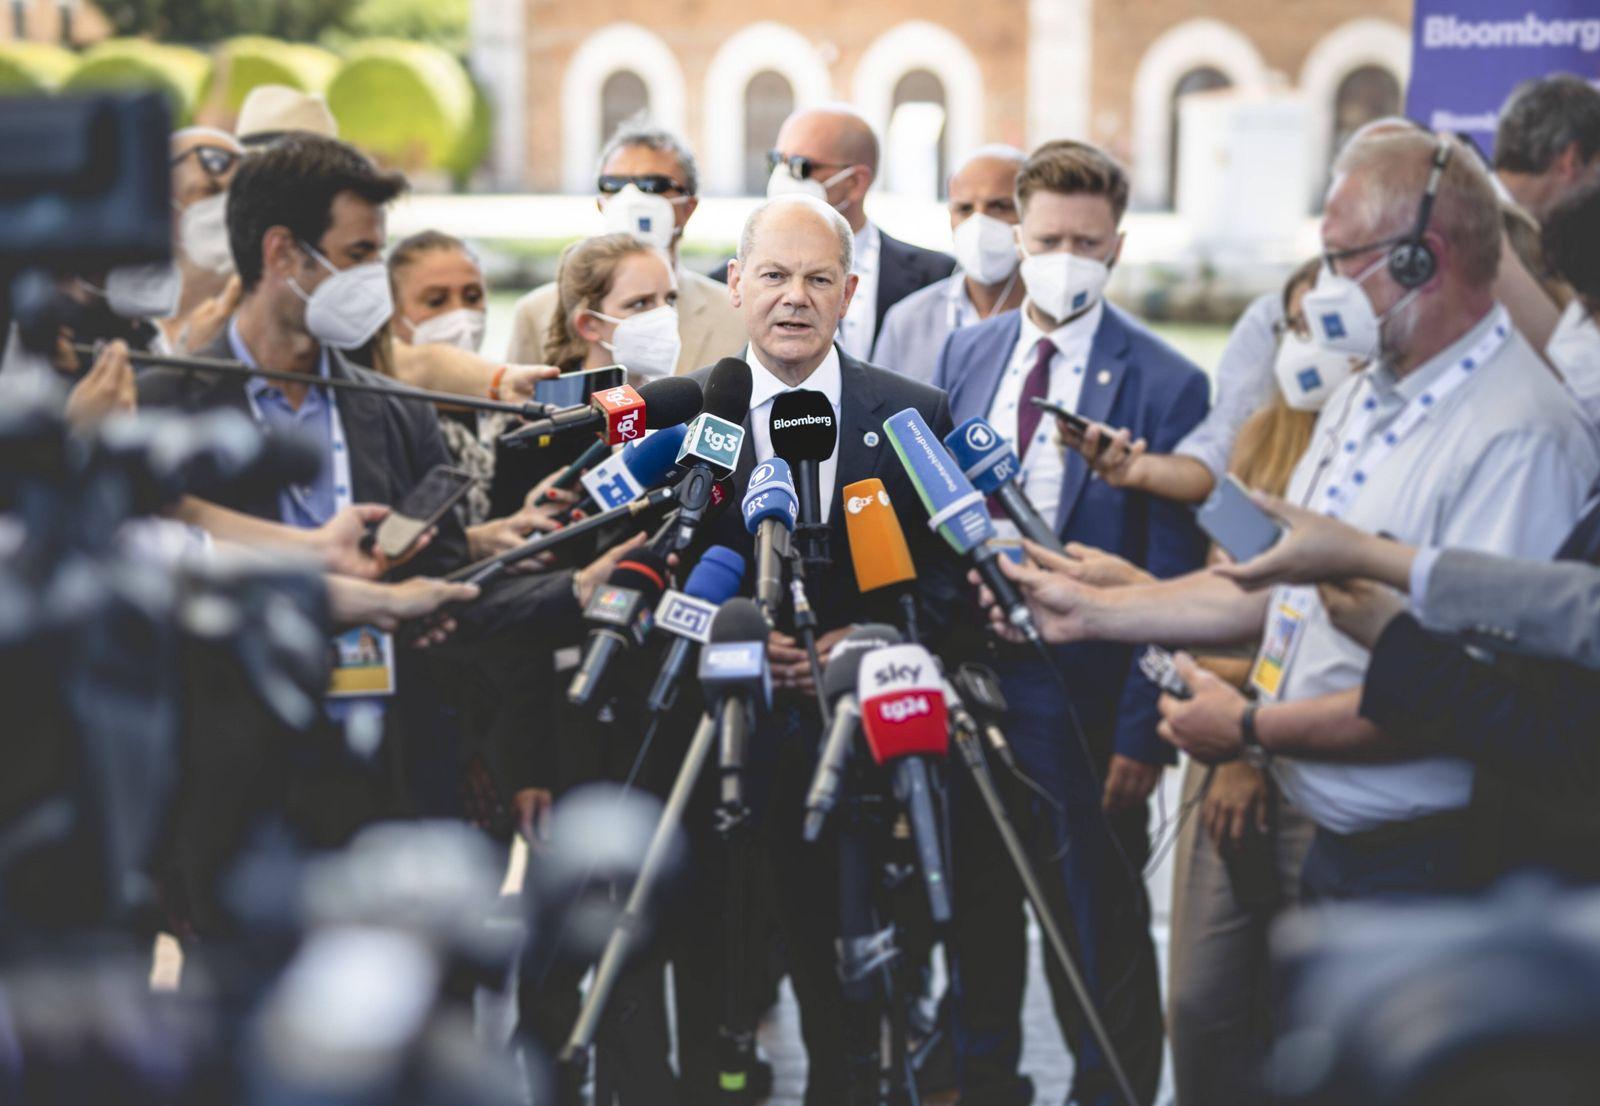 Bundesfinanzminister Olaf Scholz (SPD) trifft gibt ein Pressestatement im Rahmen des G20 Gipfels in Venedig, 10.07.2021.